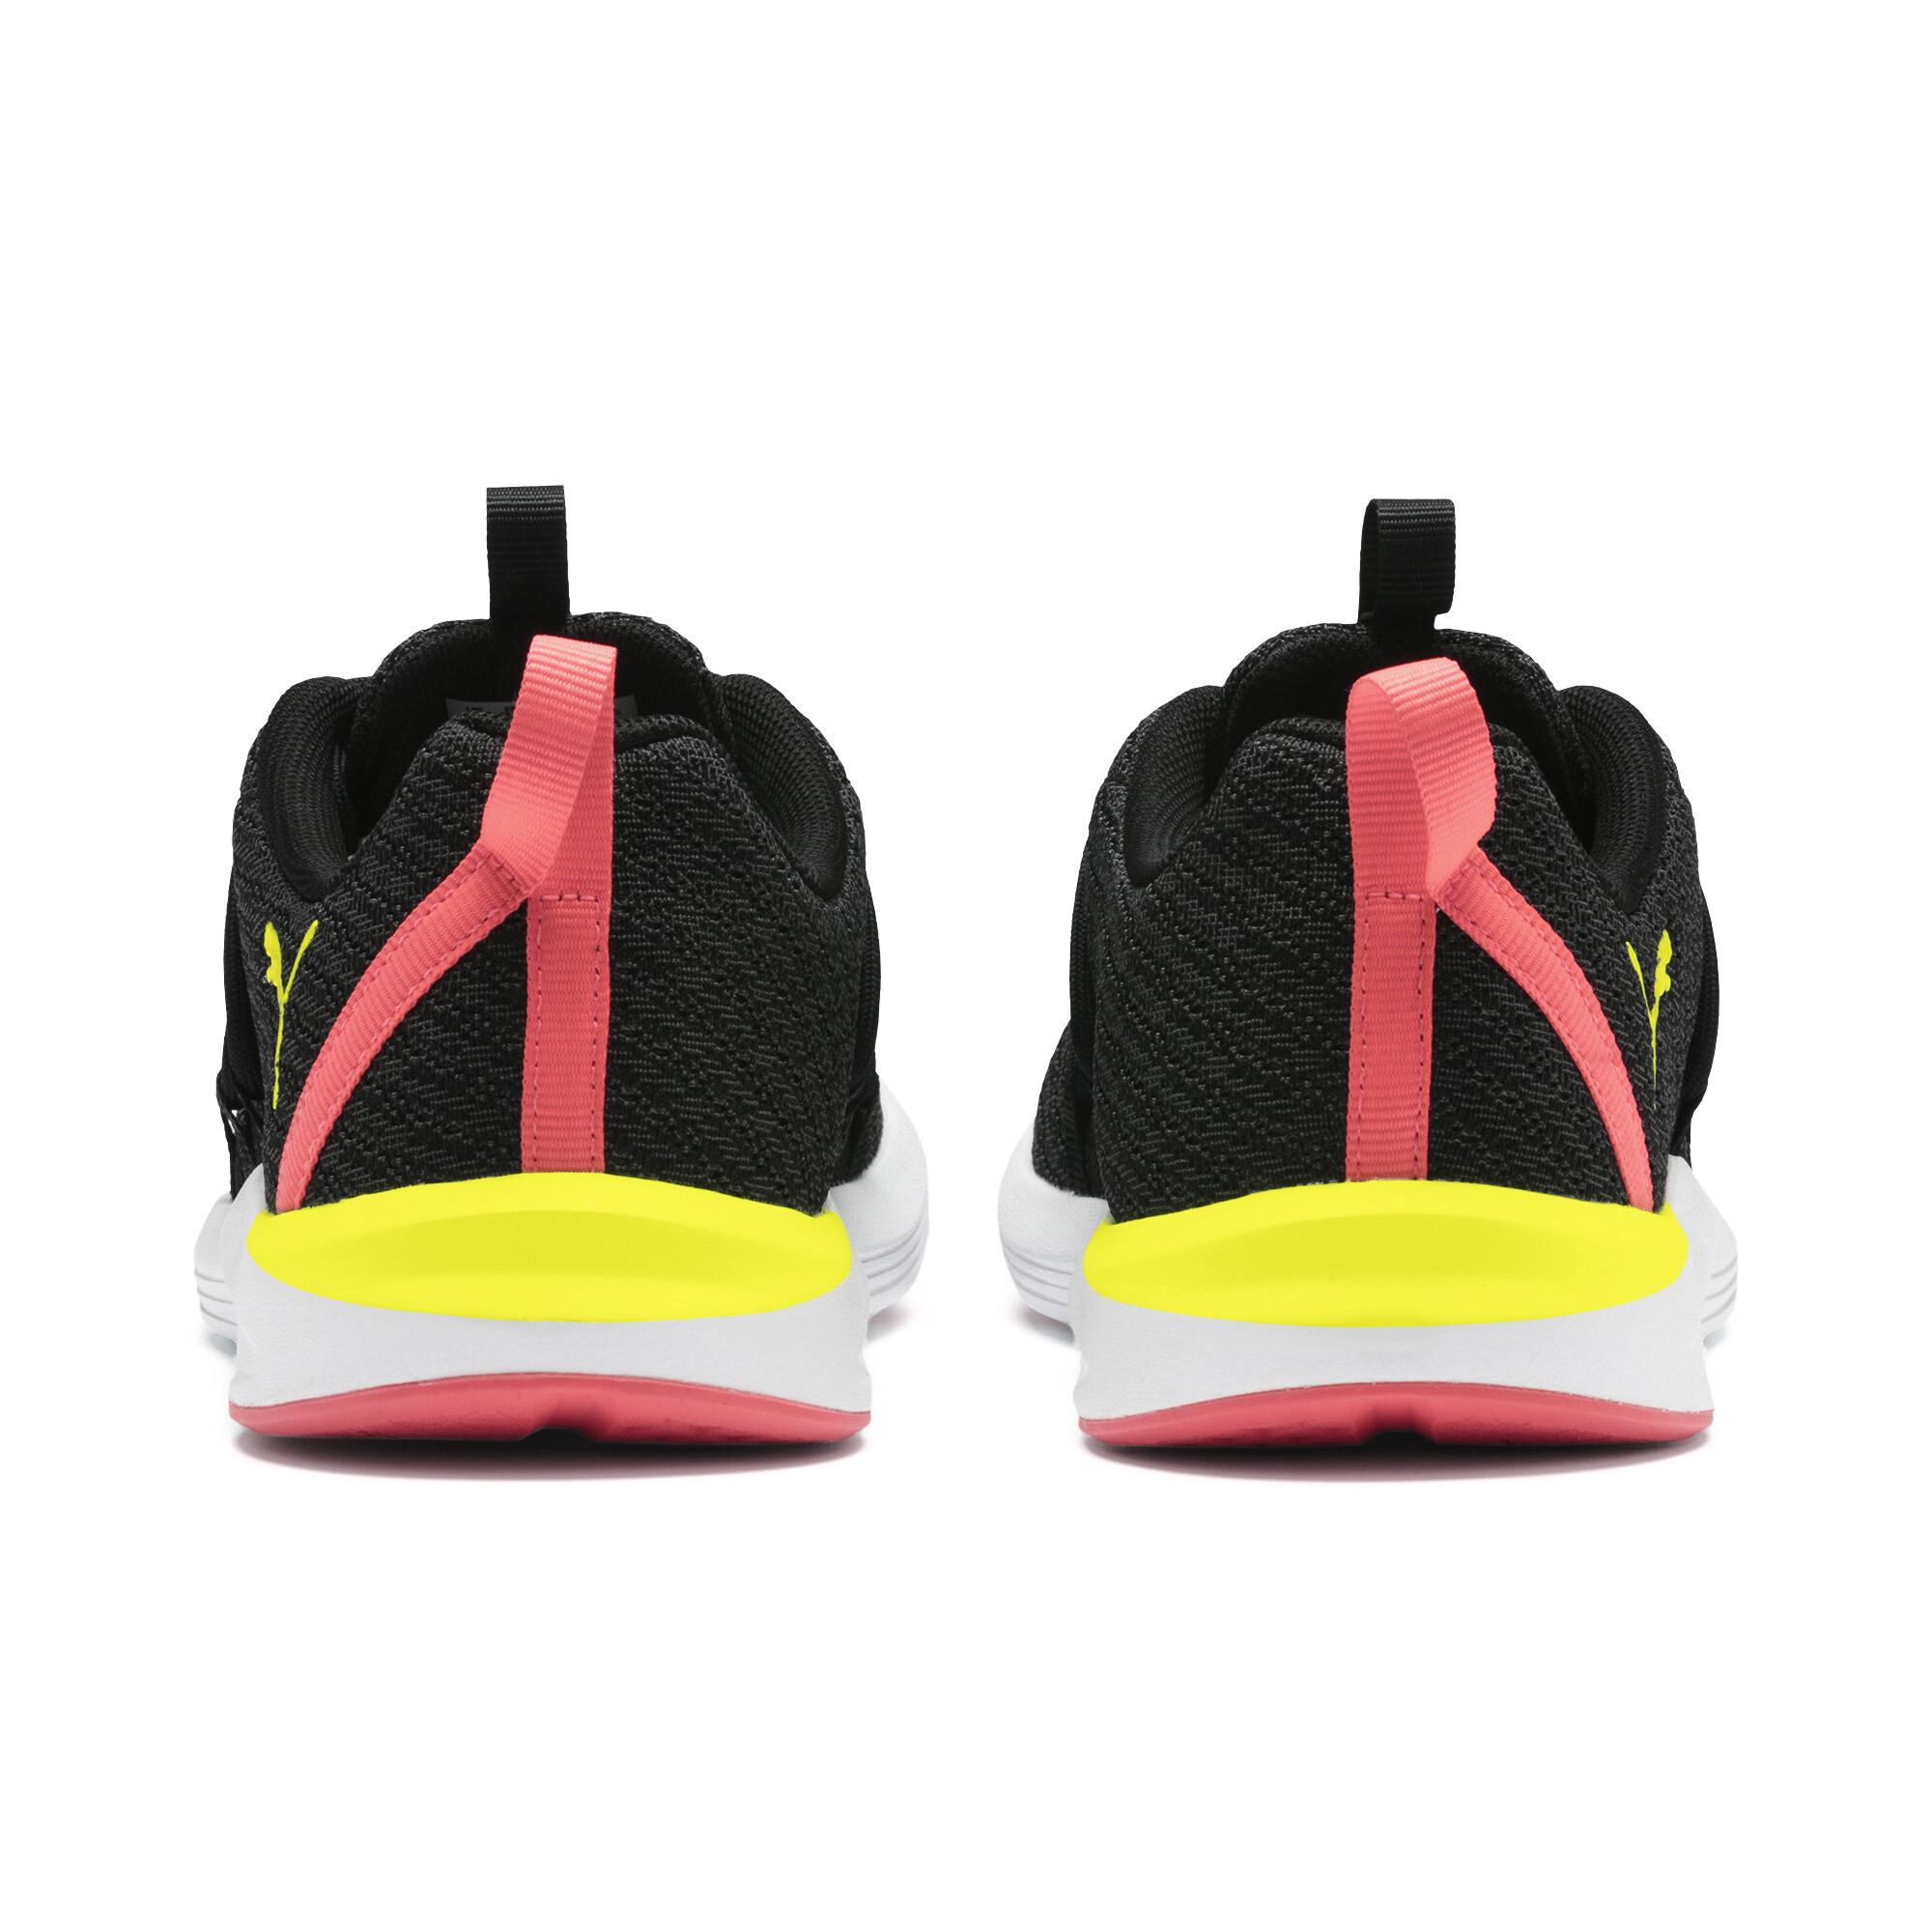 PUMA-Prowl-Alt-Neon-Women-s-Training-Shoes-Women-Shoe-Training thumbnail 3